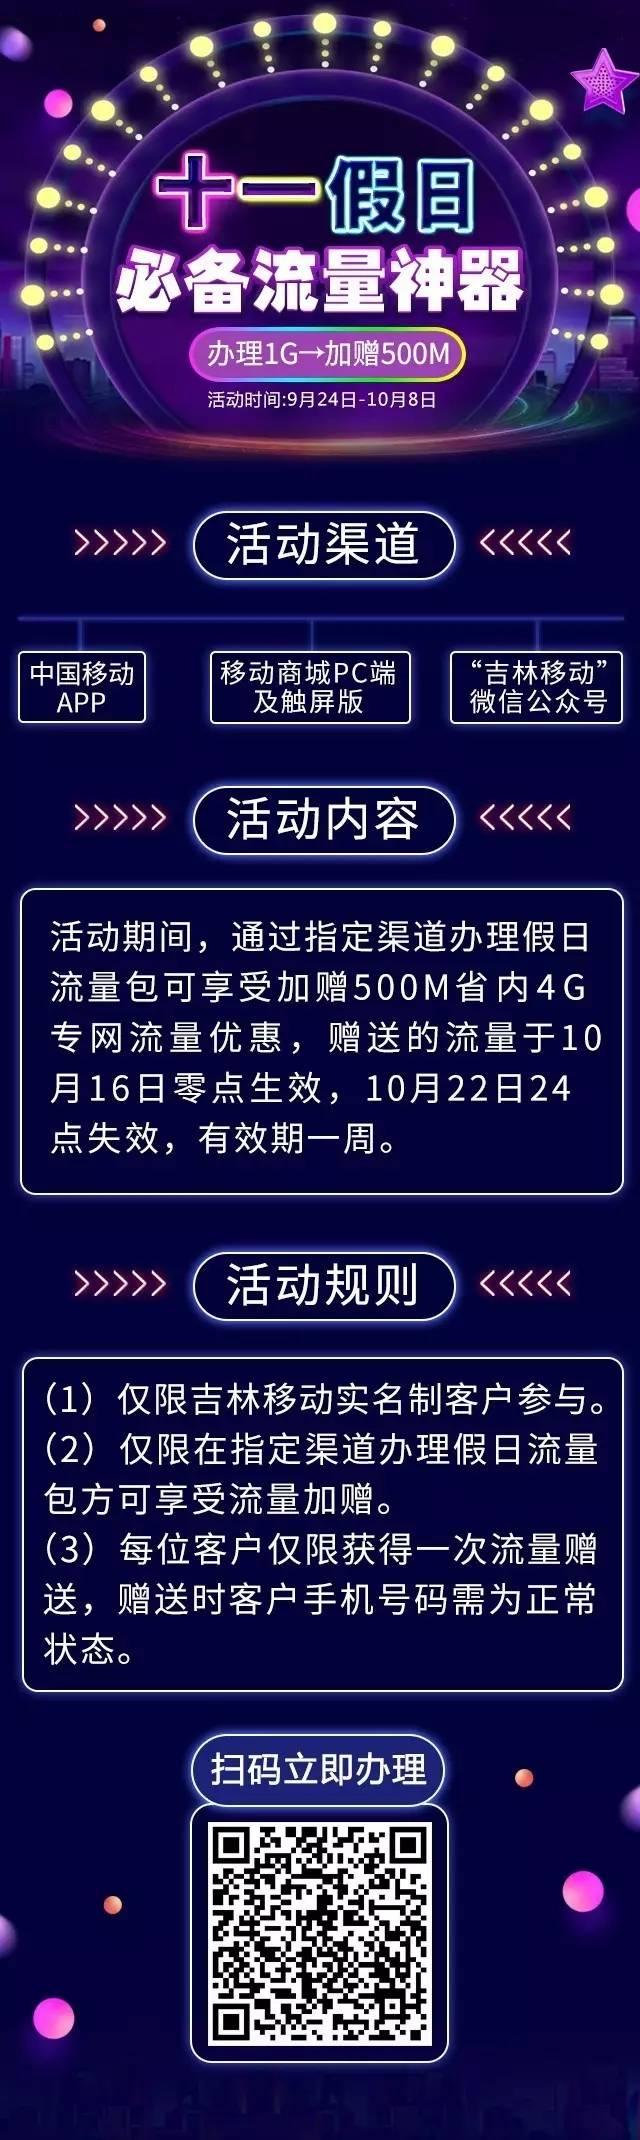 【国庆献礼】办理1G→加赠500M!.jpg